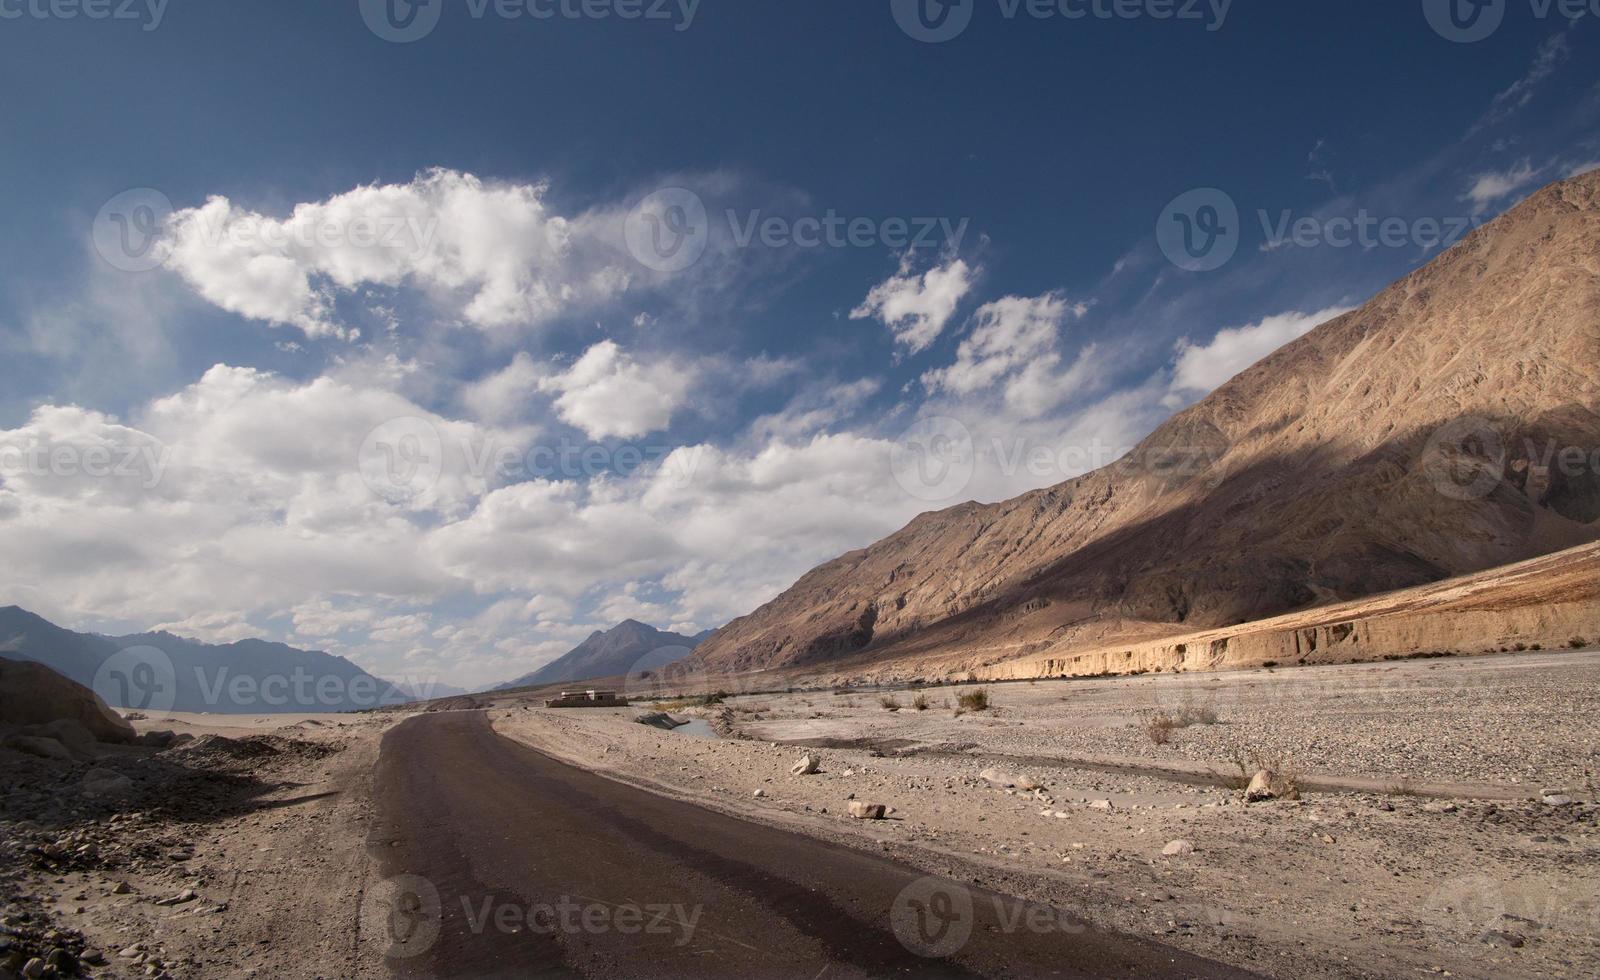 strada del deserto con cielo blu orizzonte e nuvole bianche foto